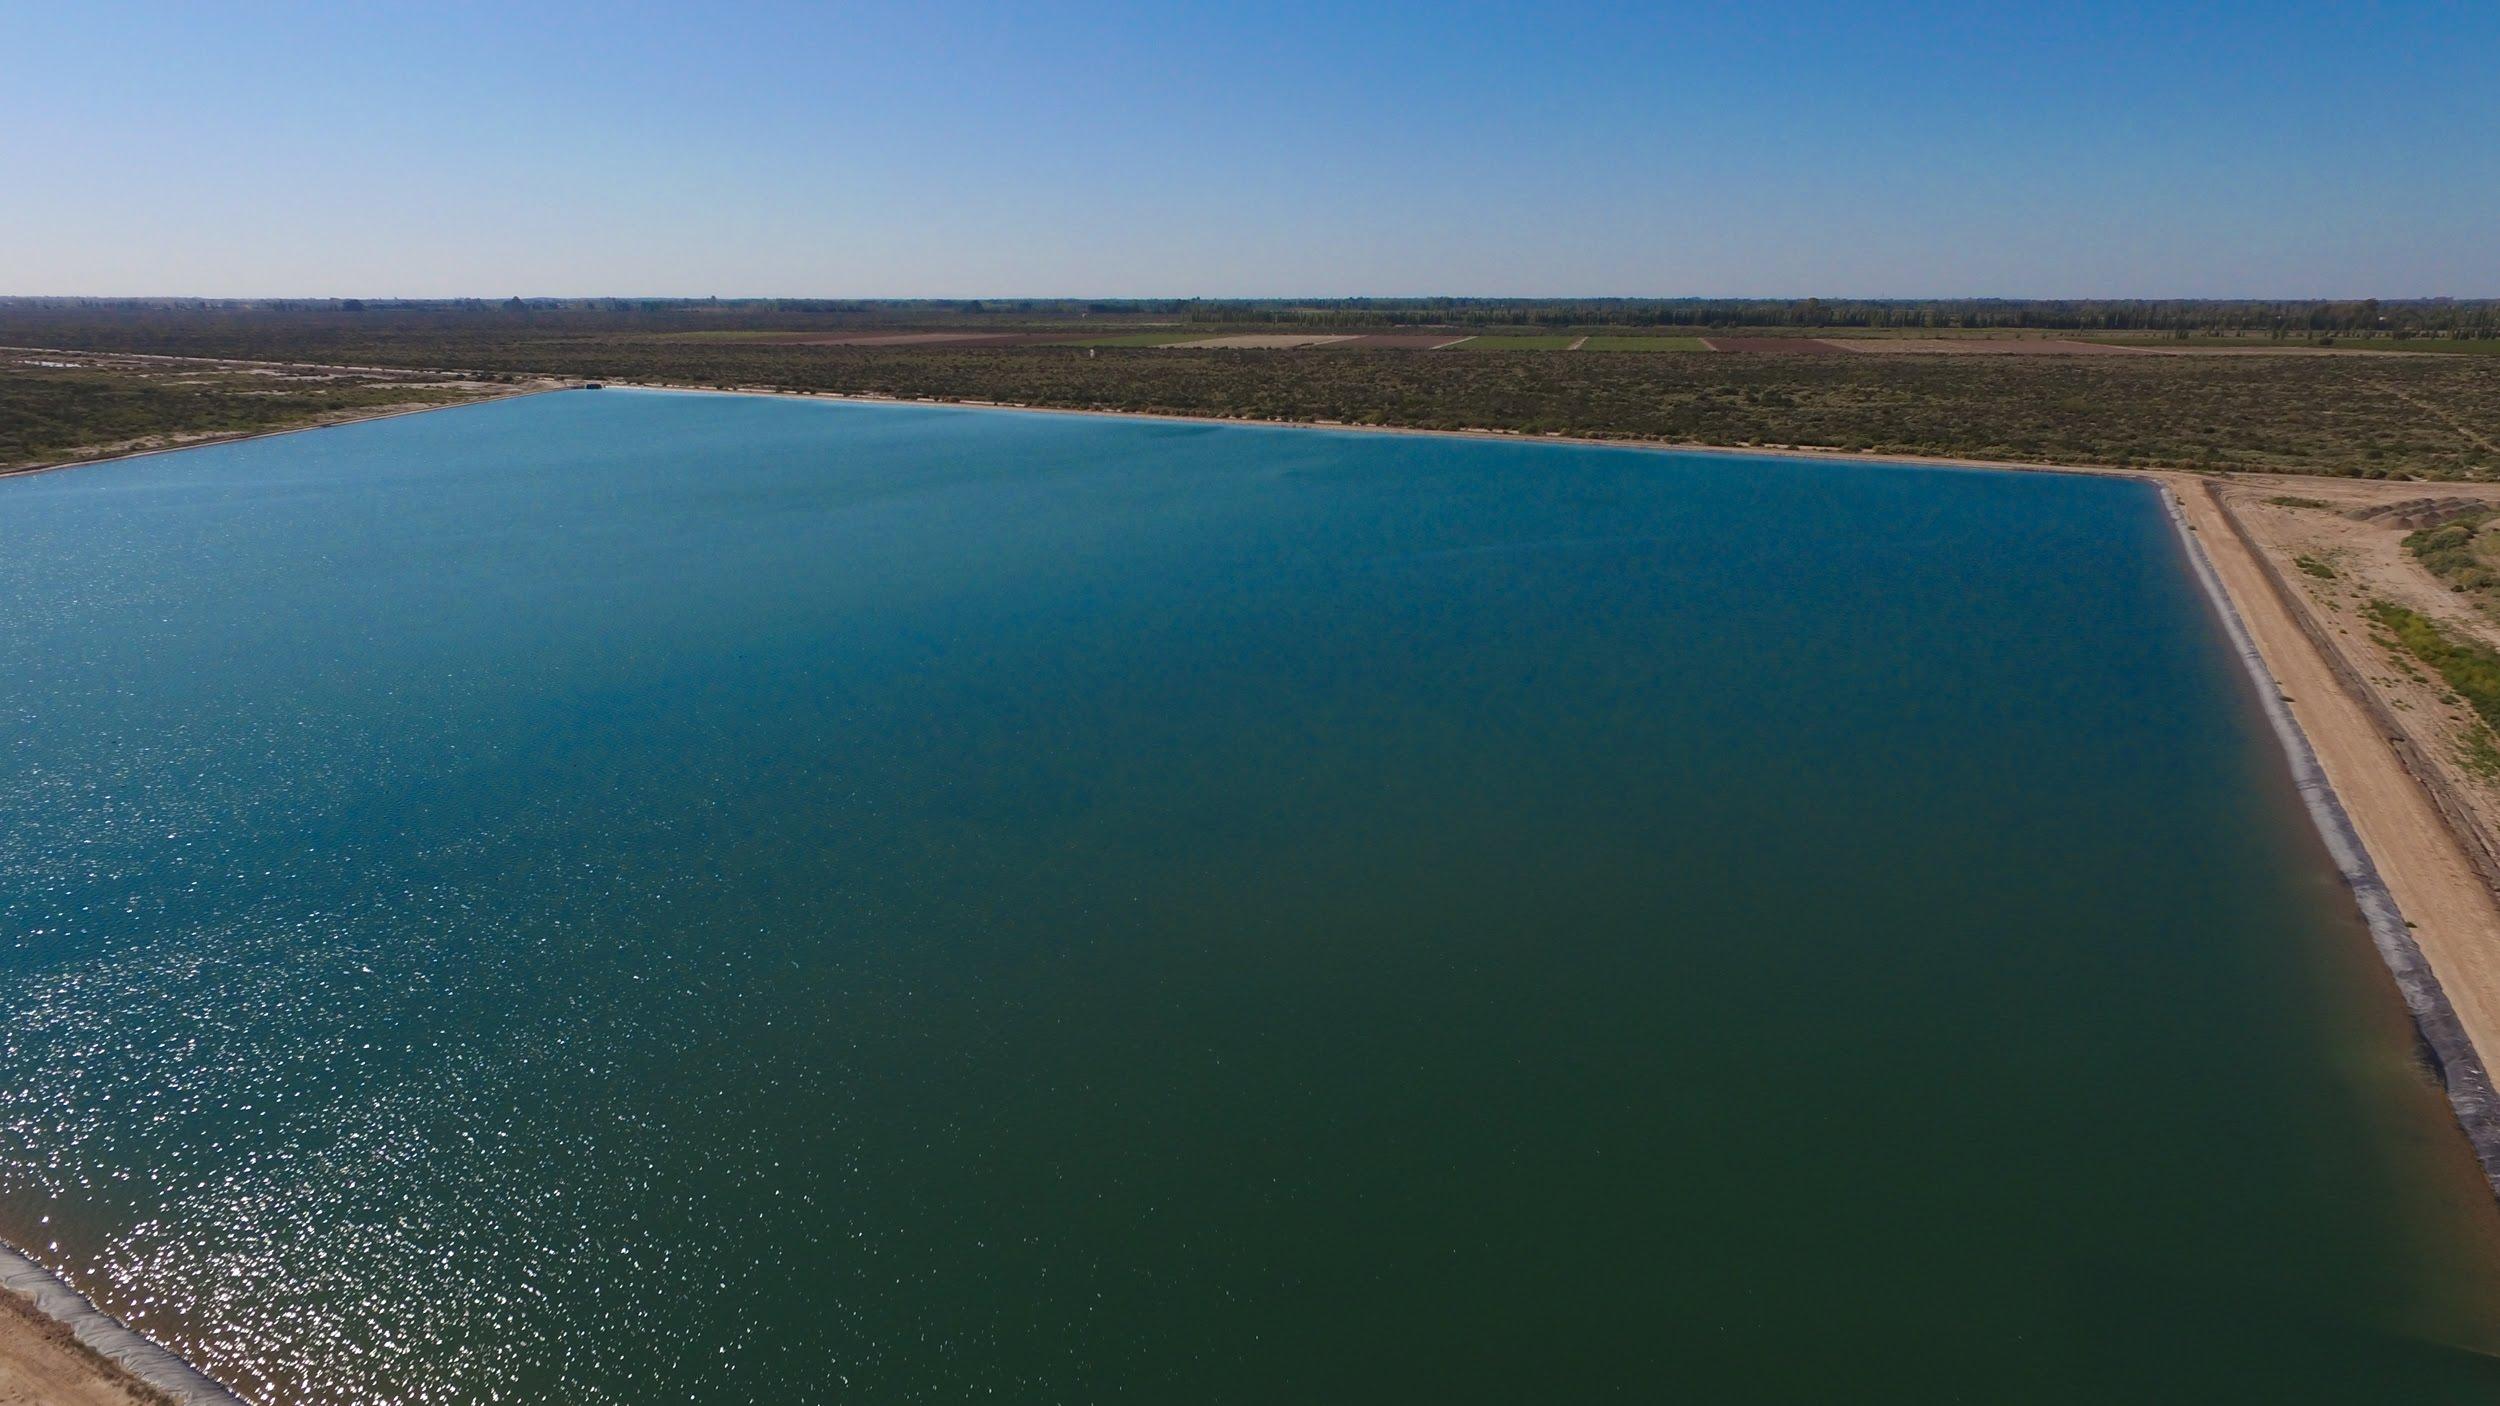 Foto aérea del reservorio ubicado en San Martín.